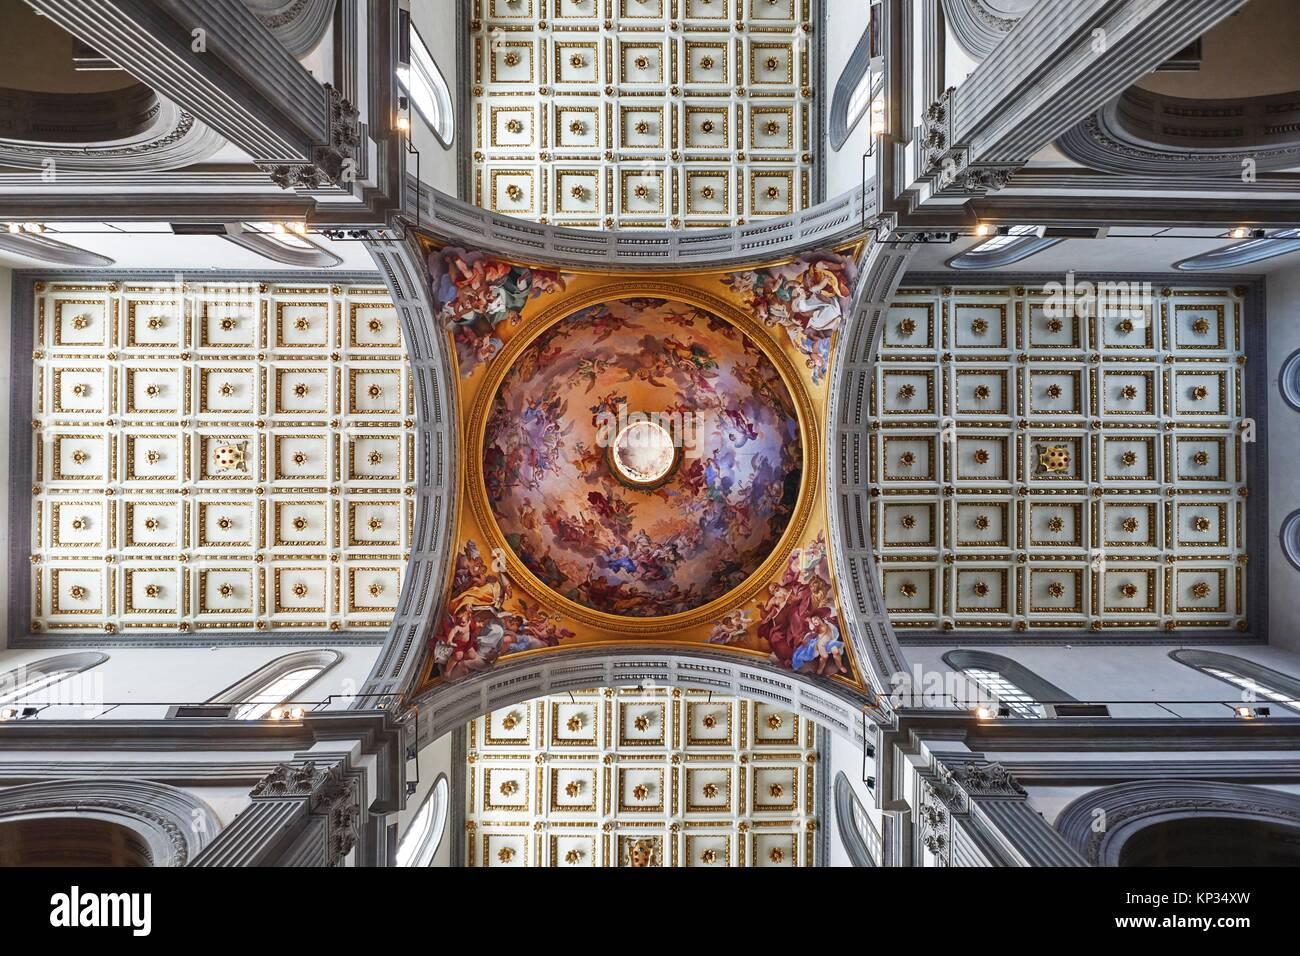 La Basilica di San Lorenzo (Basílica de San Lorenzo) es una de las mayores iglesias de Florencia, Italia, situado Imagen De Stock